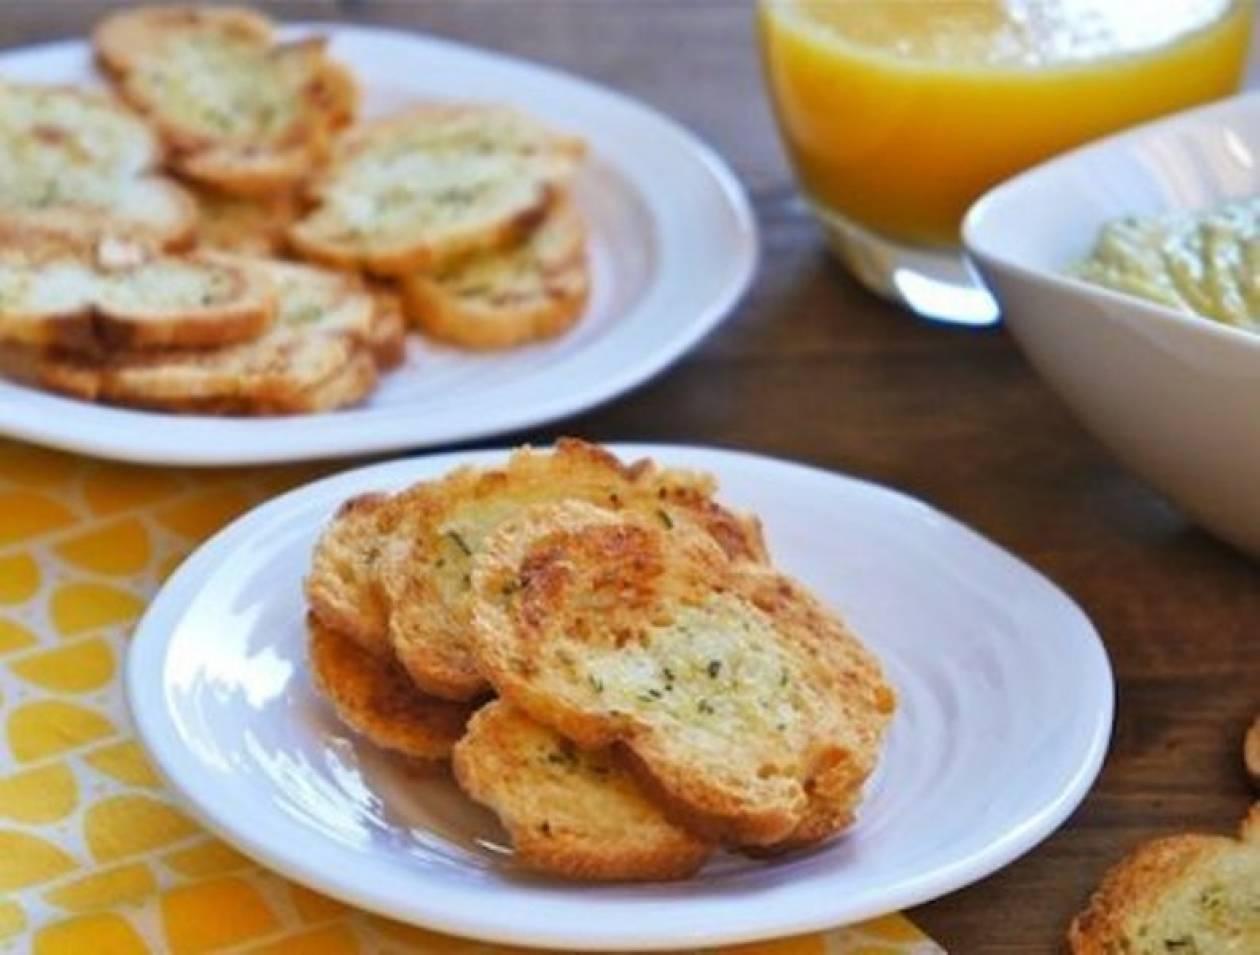 Τραγανά τσιπς μπαγκέτας με σκόρδο και δενδρολίβανο